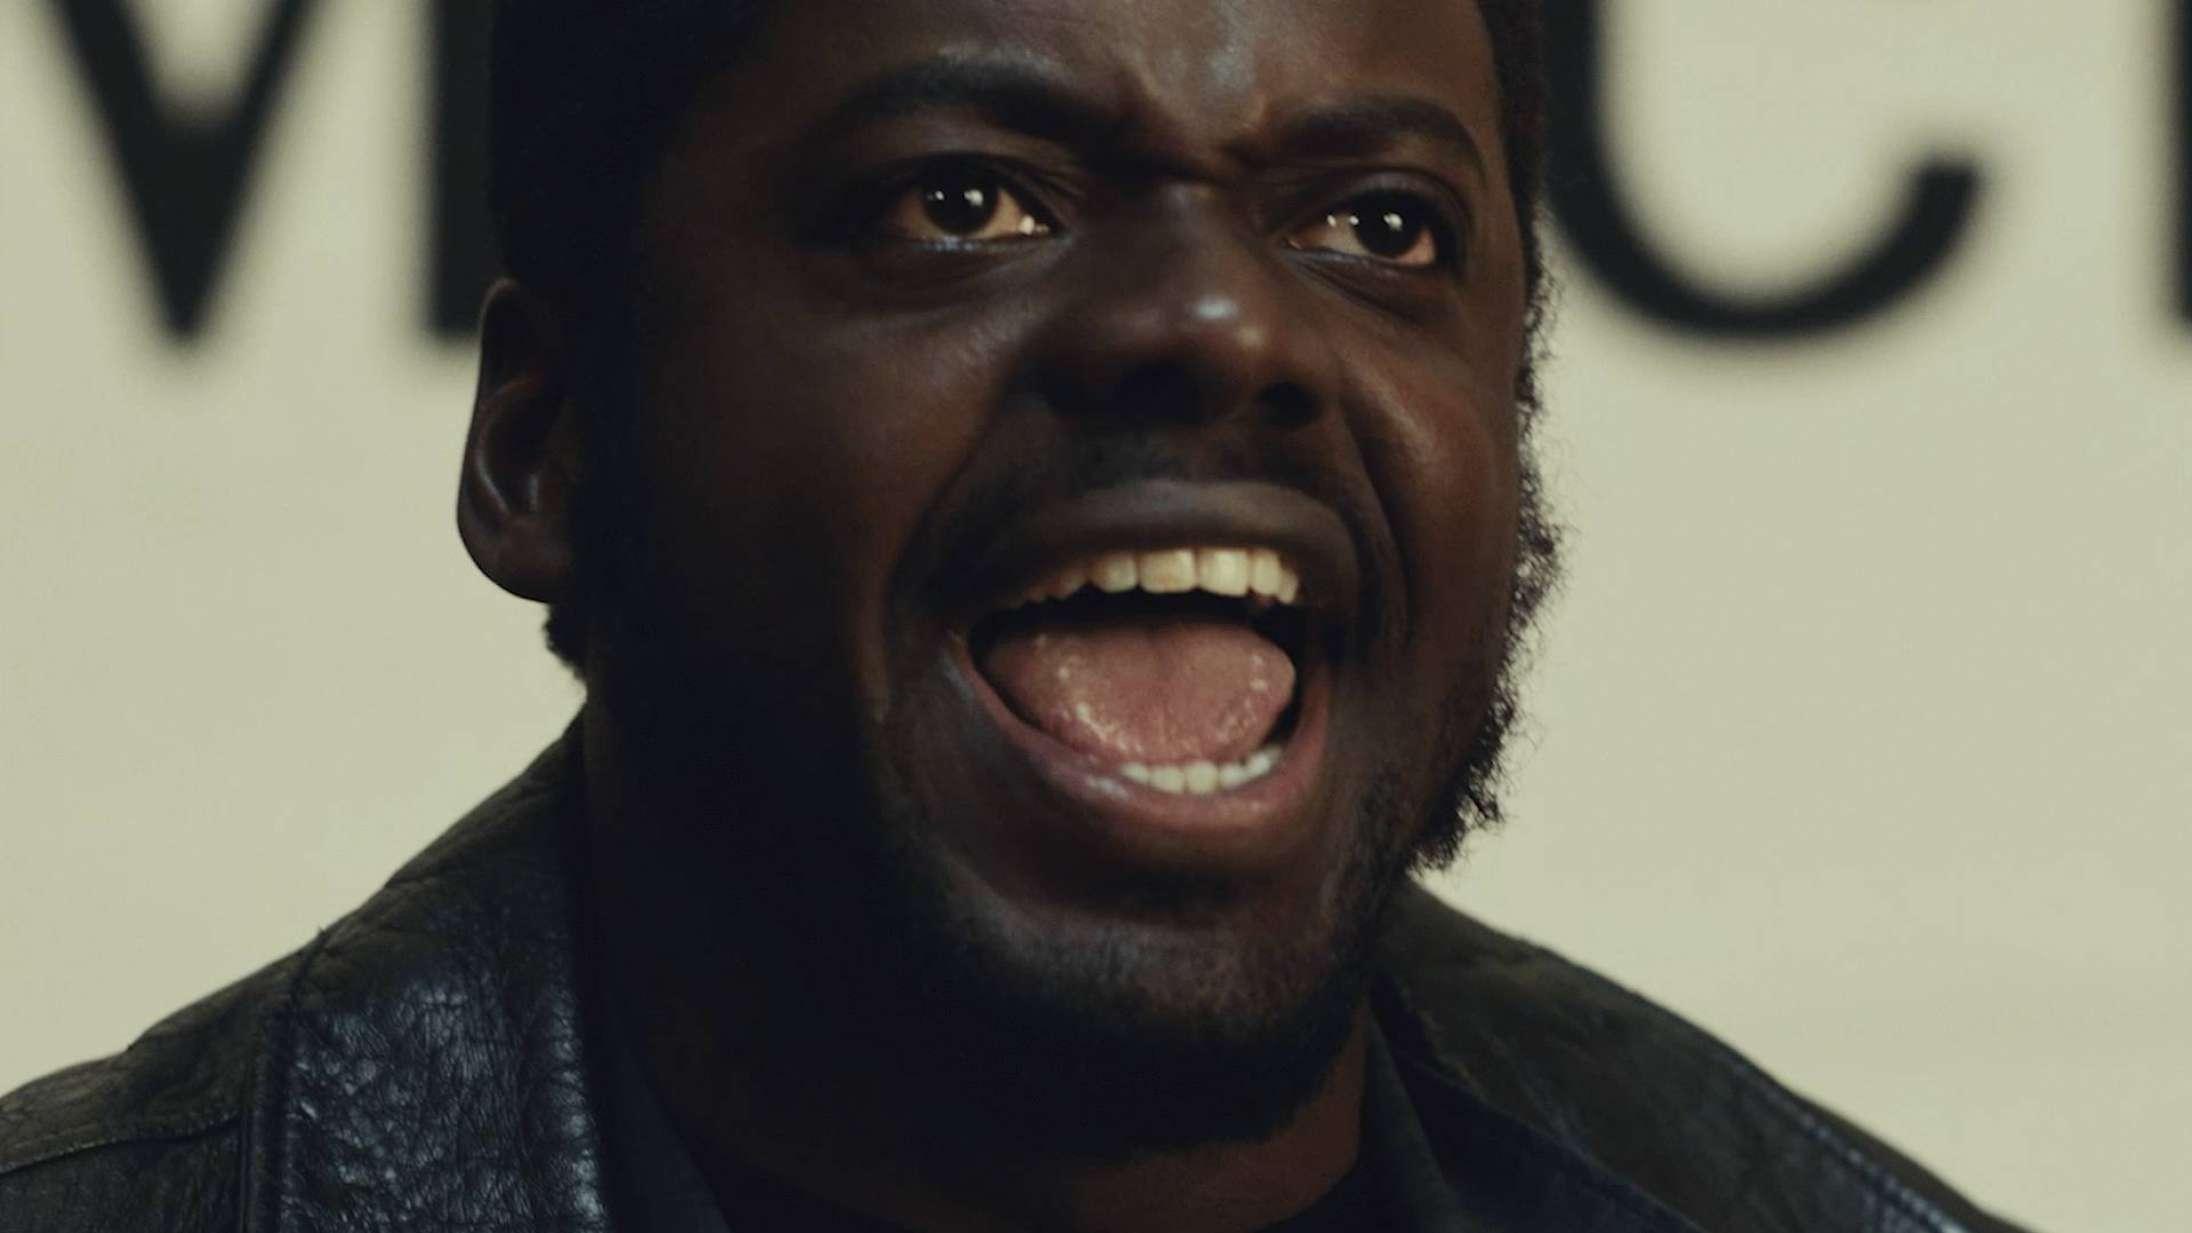 Når Lakeith Stanfield og Daniel Kaluuya er Oscar-nomineret som biroller … hvem er så hovedrollen i deres film?